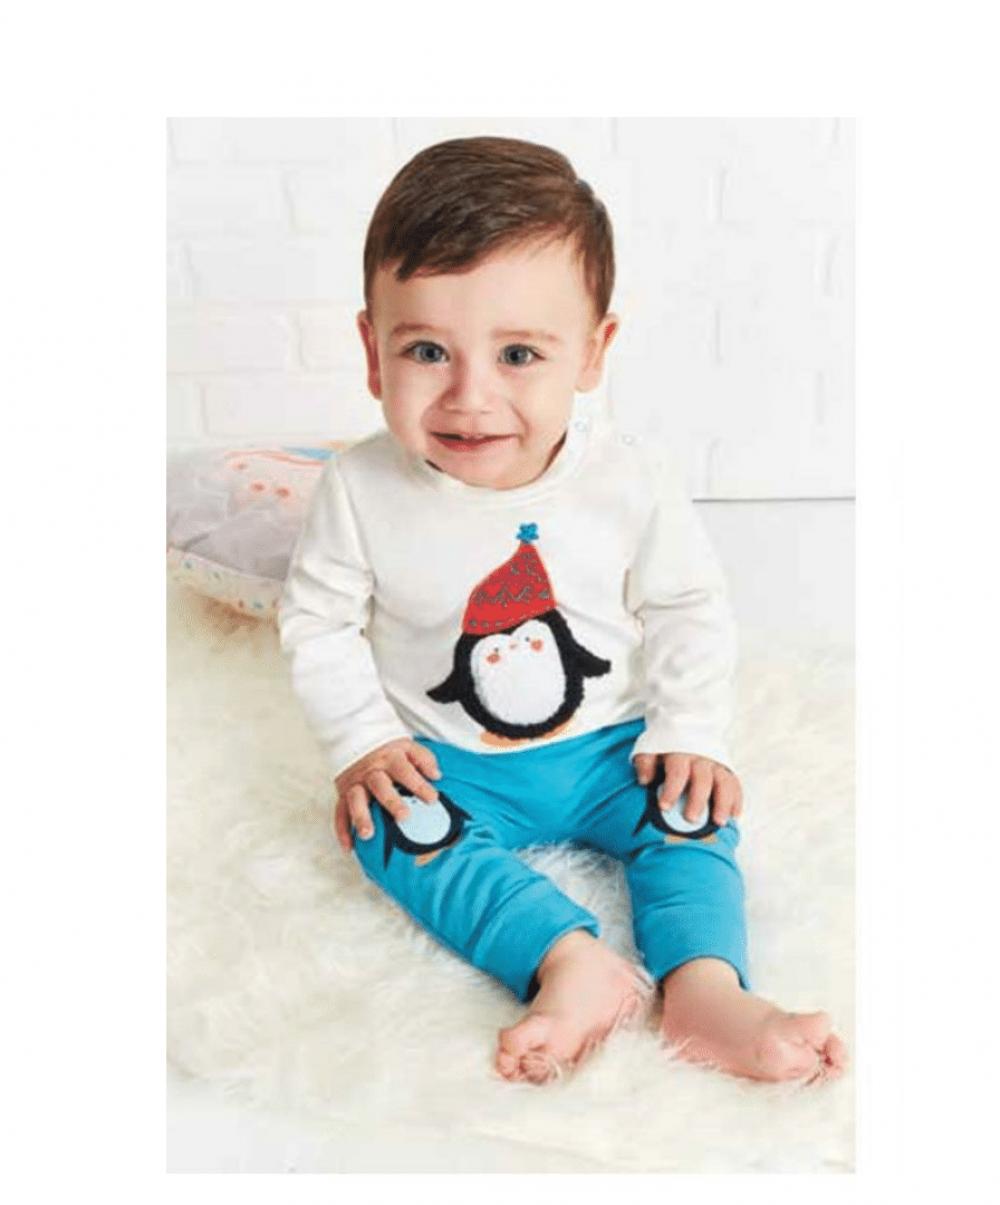 صورة ملابس اطفال اولاد , صور لاحدث واشيك ملابس اطفال 3195